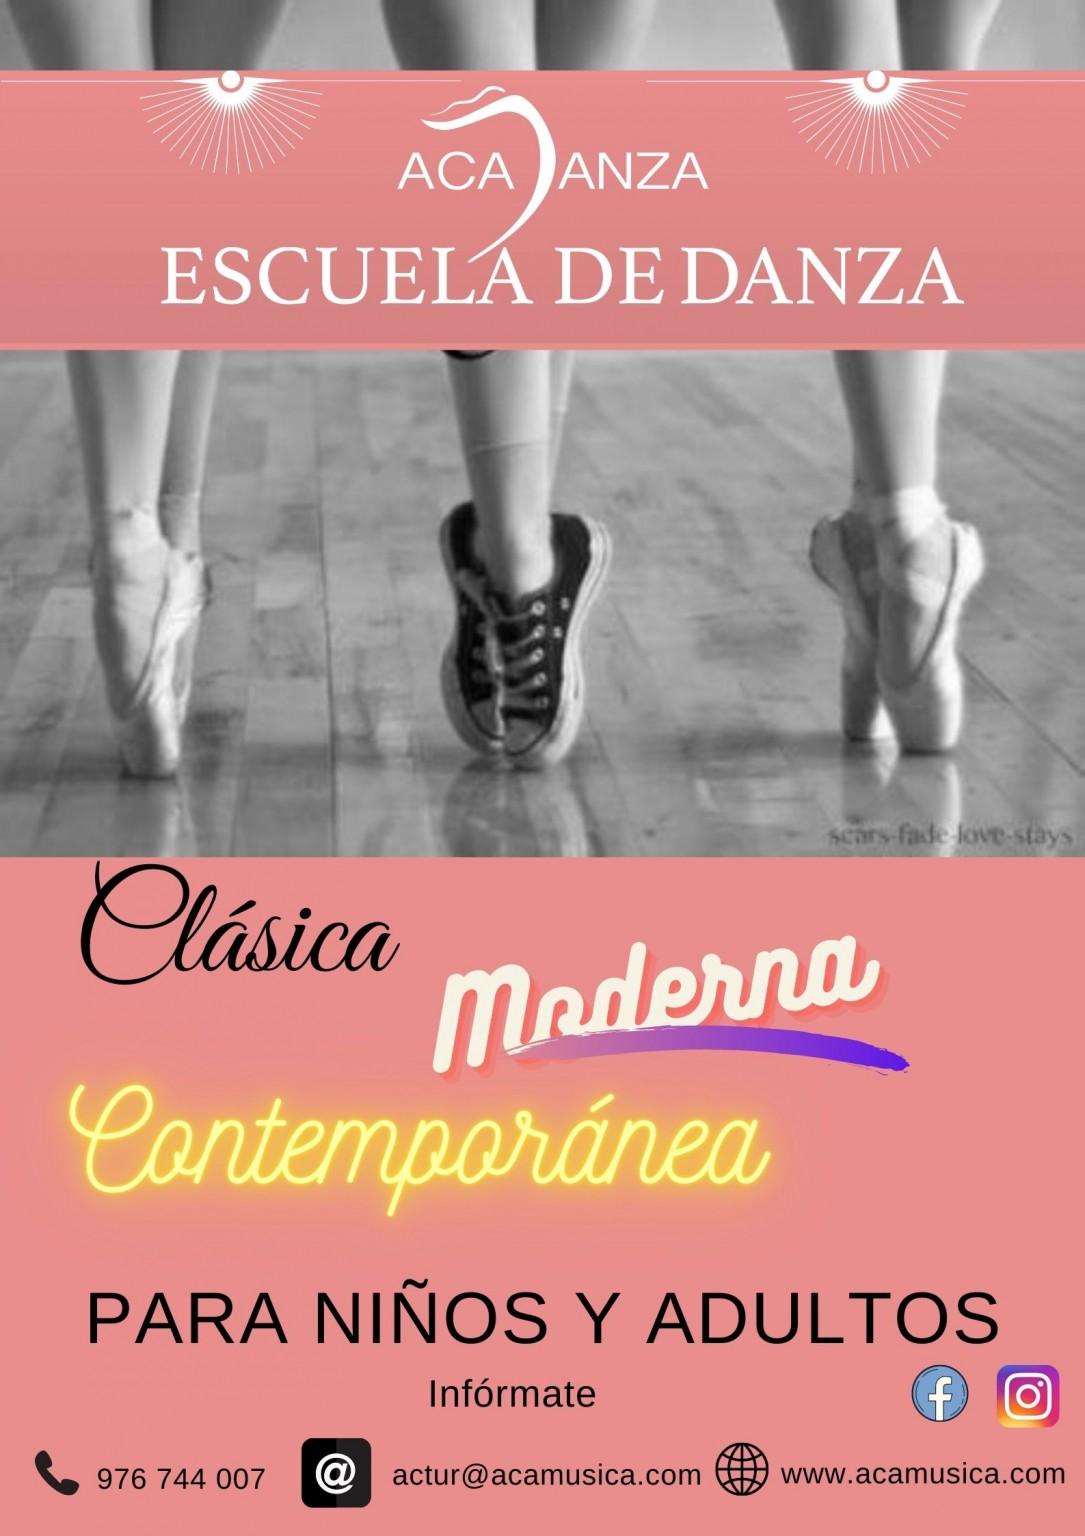 DANZA CLÁSICA - MODERNA - CONTEMPORÁNEA